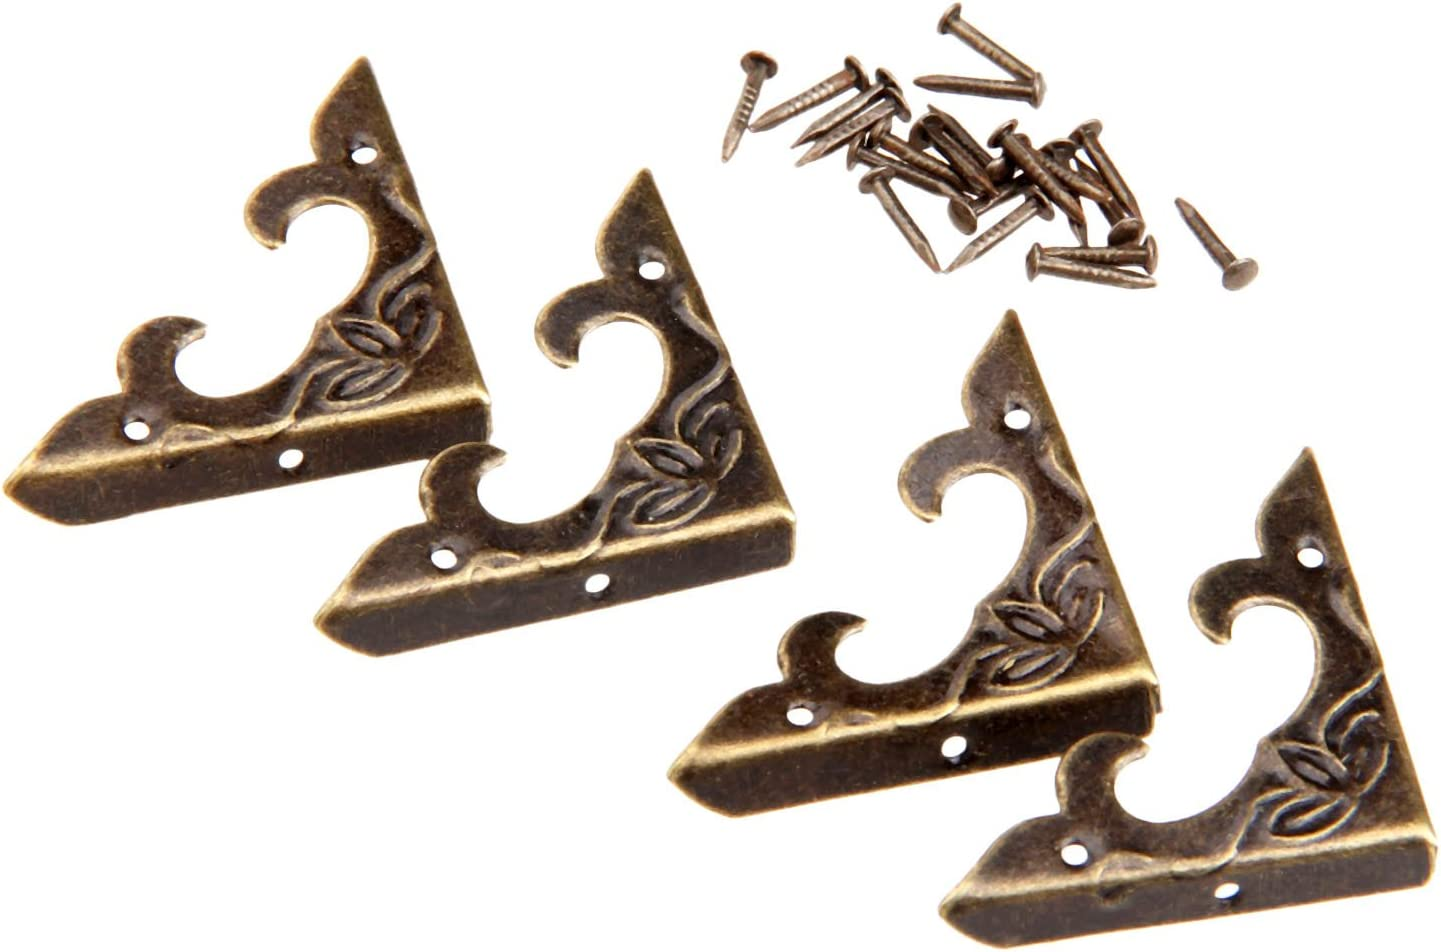 4Pcs 30x30x4.5mm Vintage Antique Brass Wood Box Bracket Case Chest Corner Protector Guard Decoration